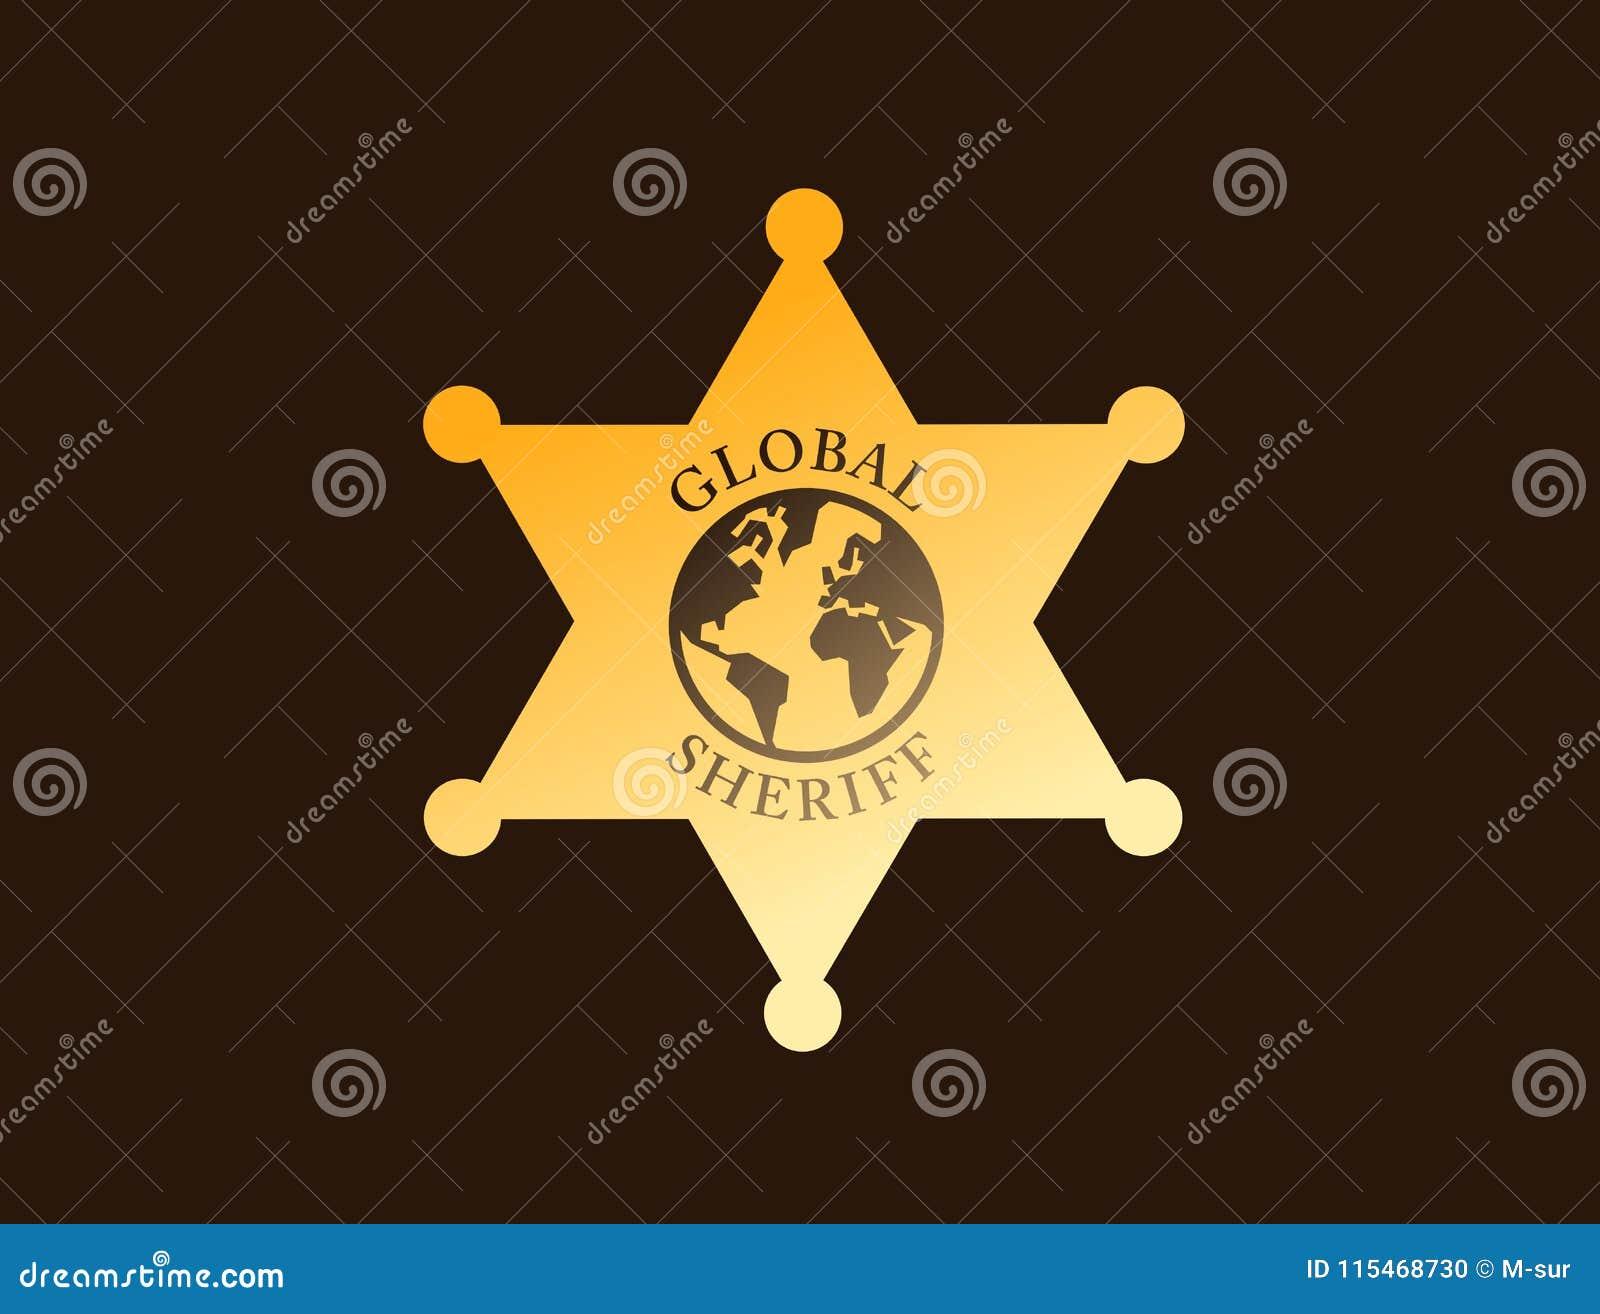 Sheriff global